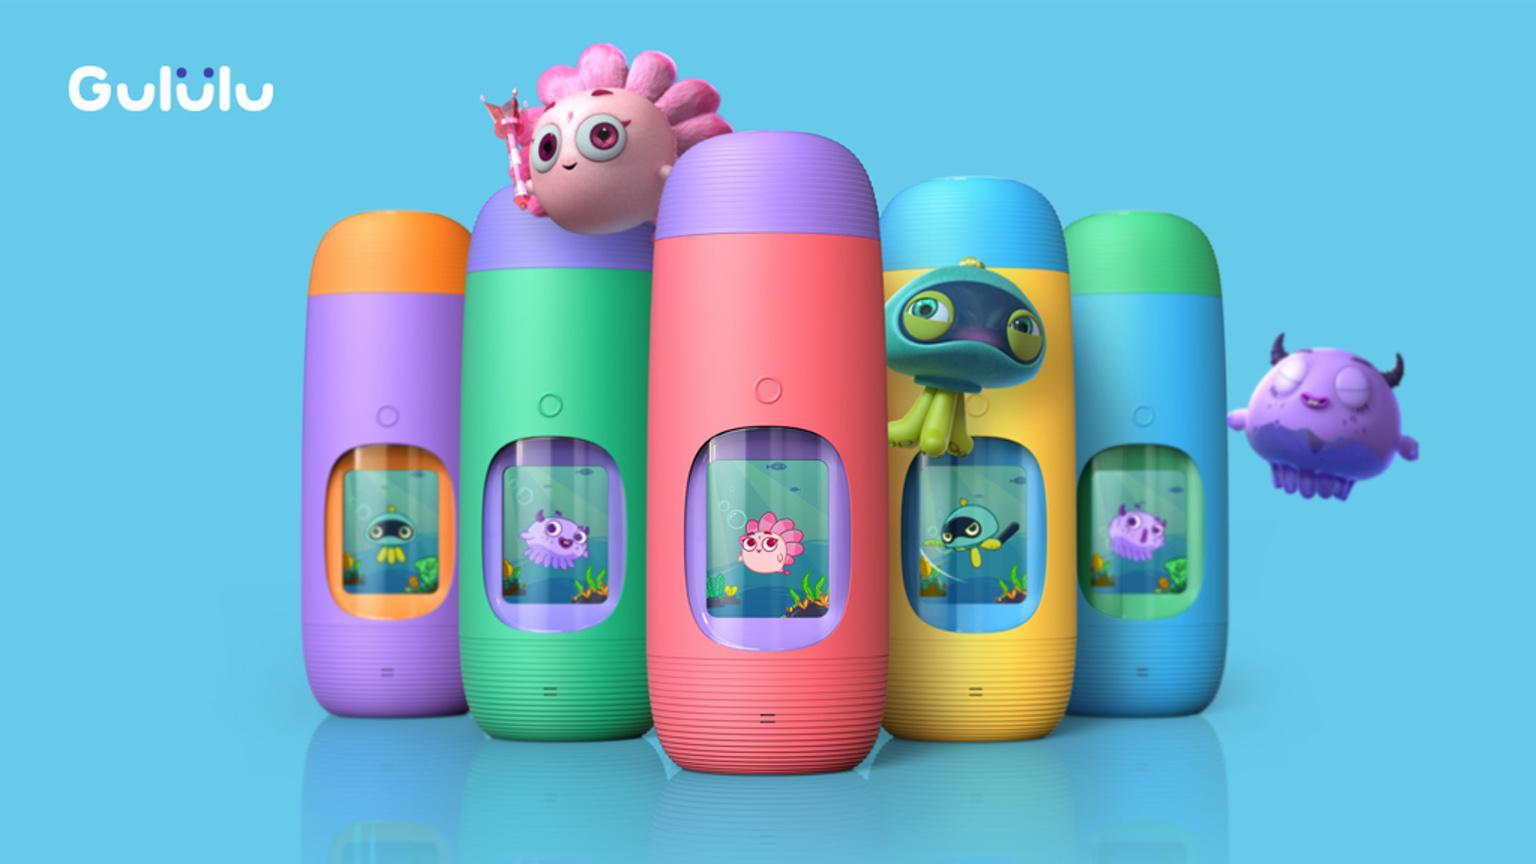 Gululu-Interactive-Water-Bottle-for-Kids (2)